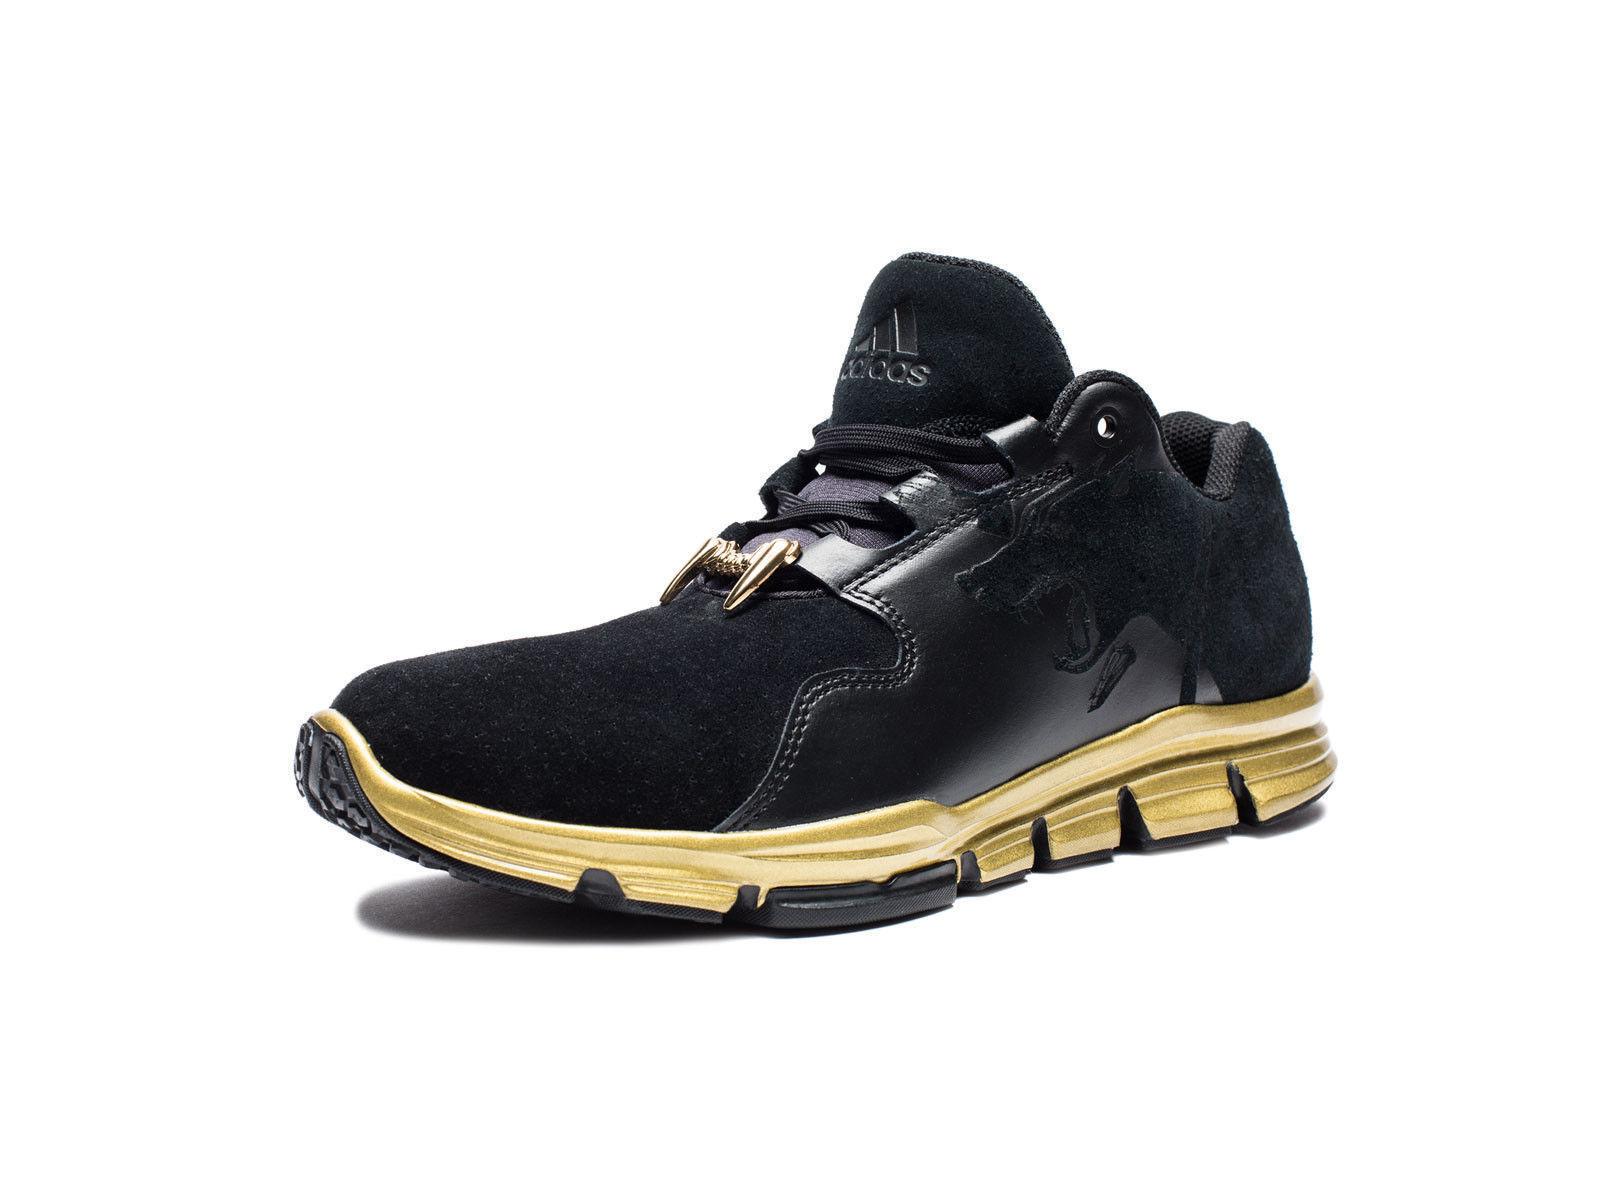 Nuove adidas x snoop 45 dogg uomini  partita scarpe sz 11 45 snoop di scarpe nere e scarpe da ginnastica cane e201d6